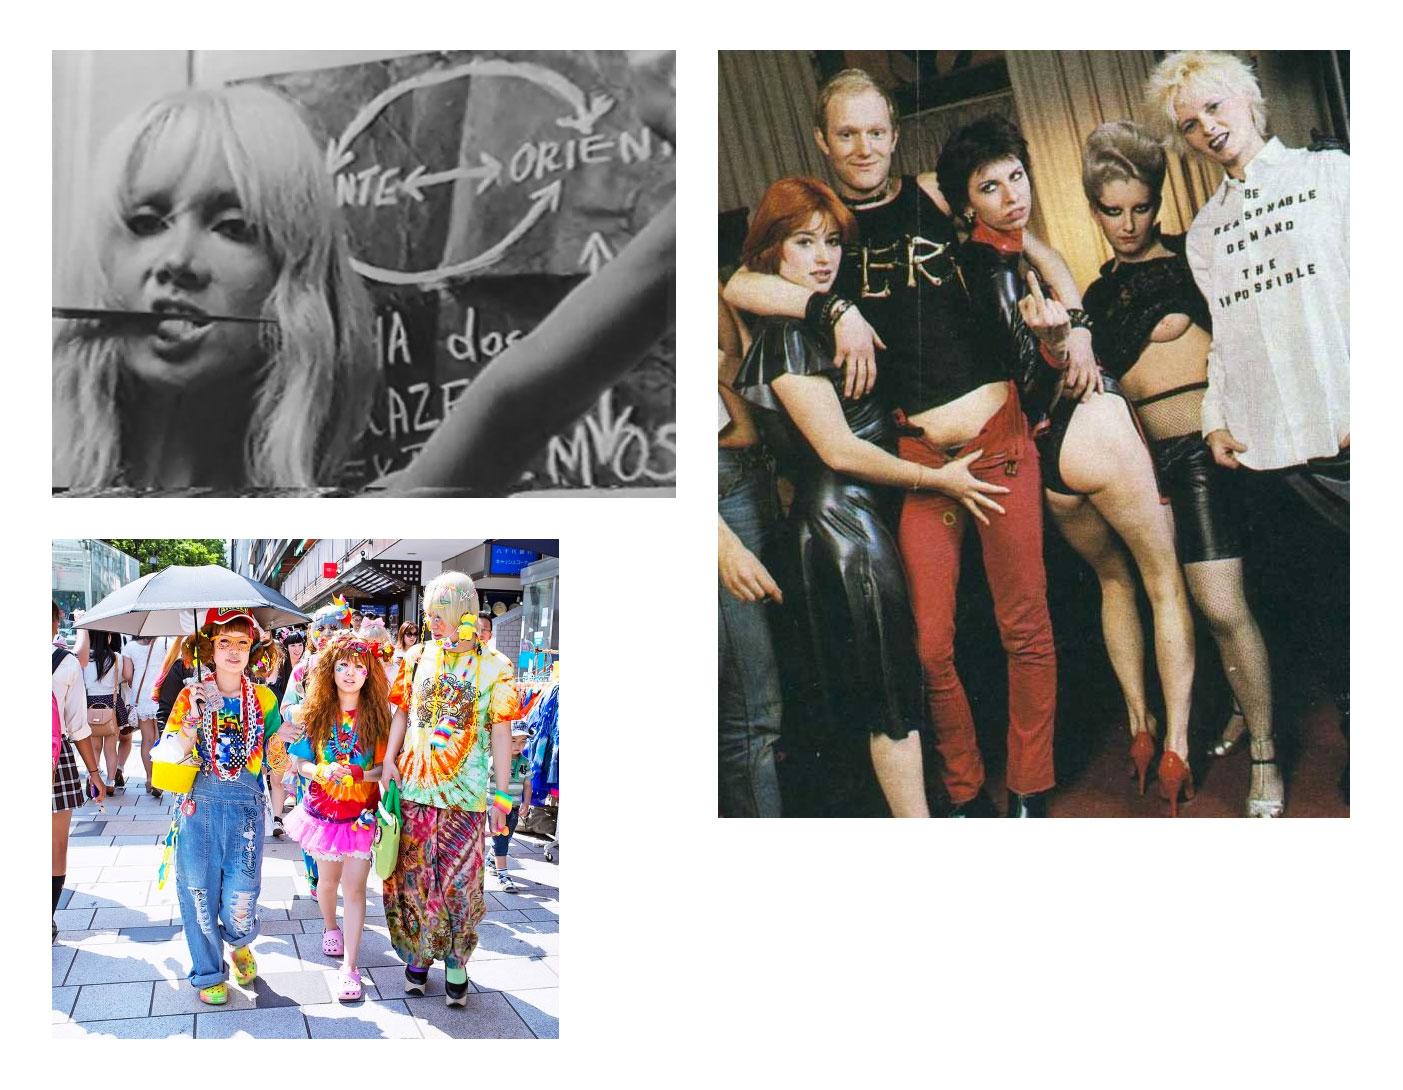 Na foto de cima à esquerda,  Ângela Carne e Osso , a inimiga nº 1 dos homens, personagem de  Helena Ignez  em  A Mulher de Todos  (1969) de Rogério Sganzerla; na direita, a turma punk na época da  loja SEX  de  Vivienne Westwood  (que está na extrema direita de camisa), a curiosidade dessa foto é a cantora  Chrissie Hynde  mostrando o dedo do meio antes de ser a vocalista do  Pretenders ; na foto de baixo à esquerda, turminha montada de Harajuku